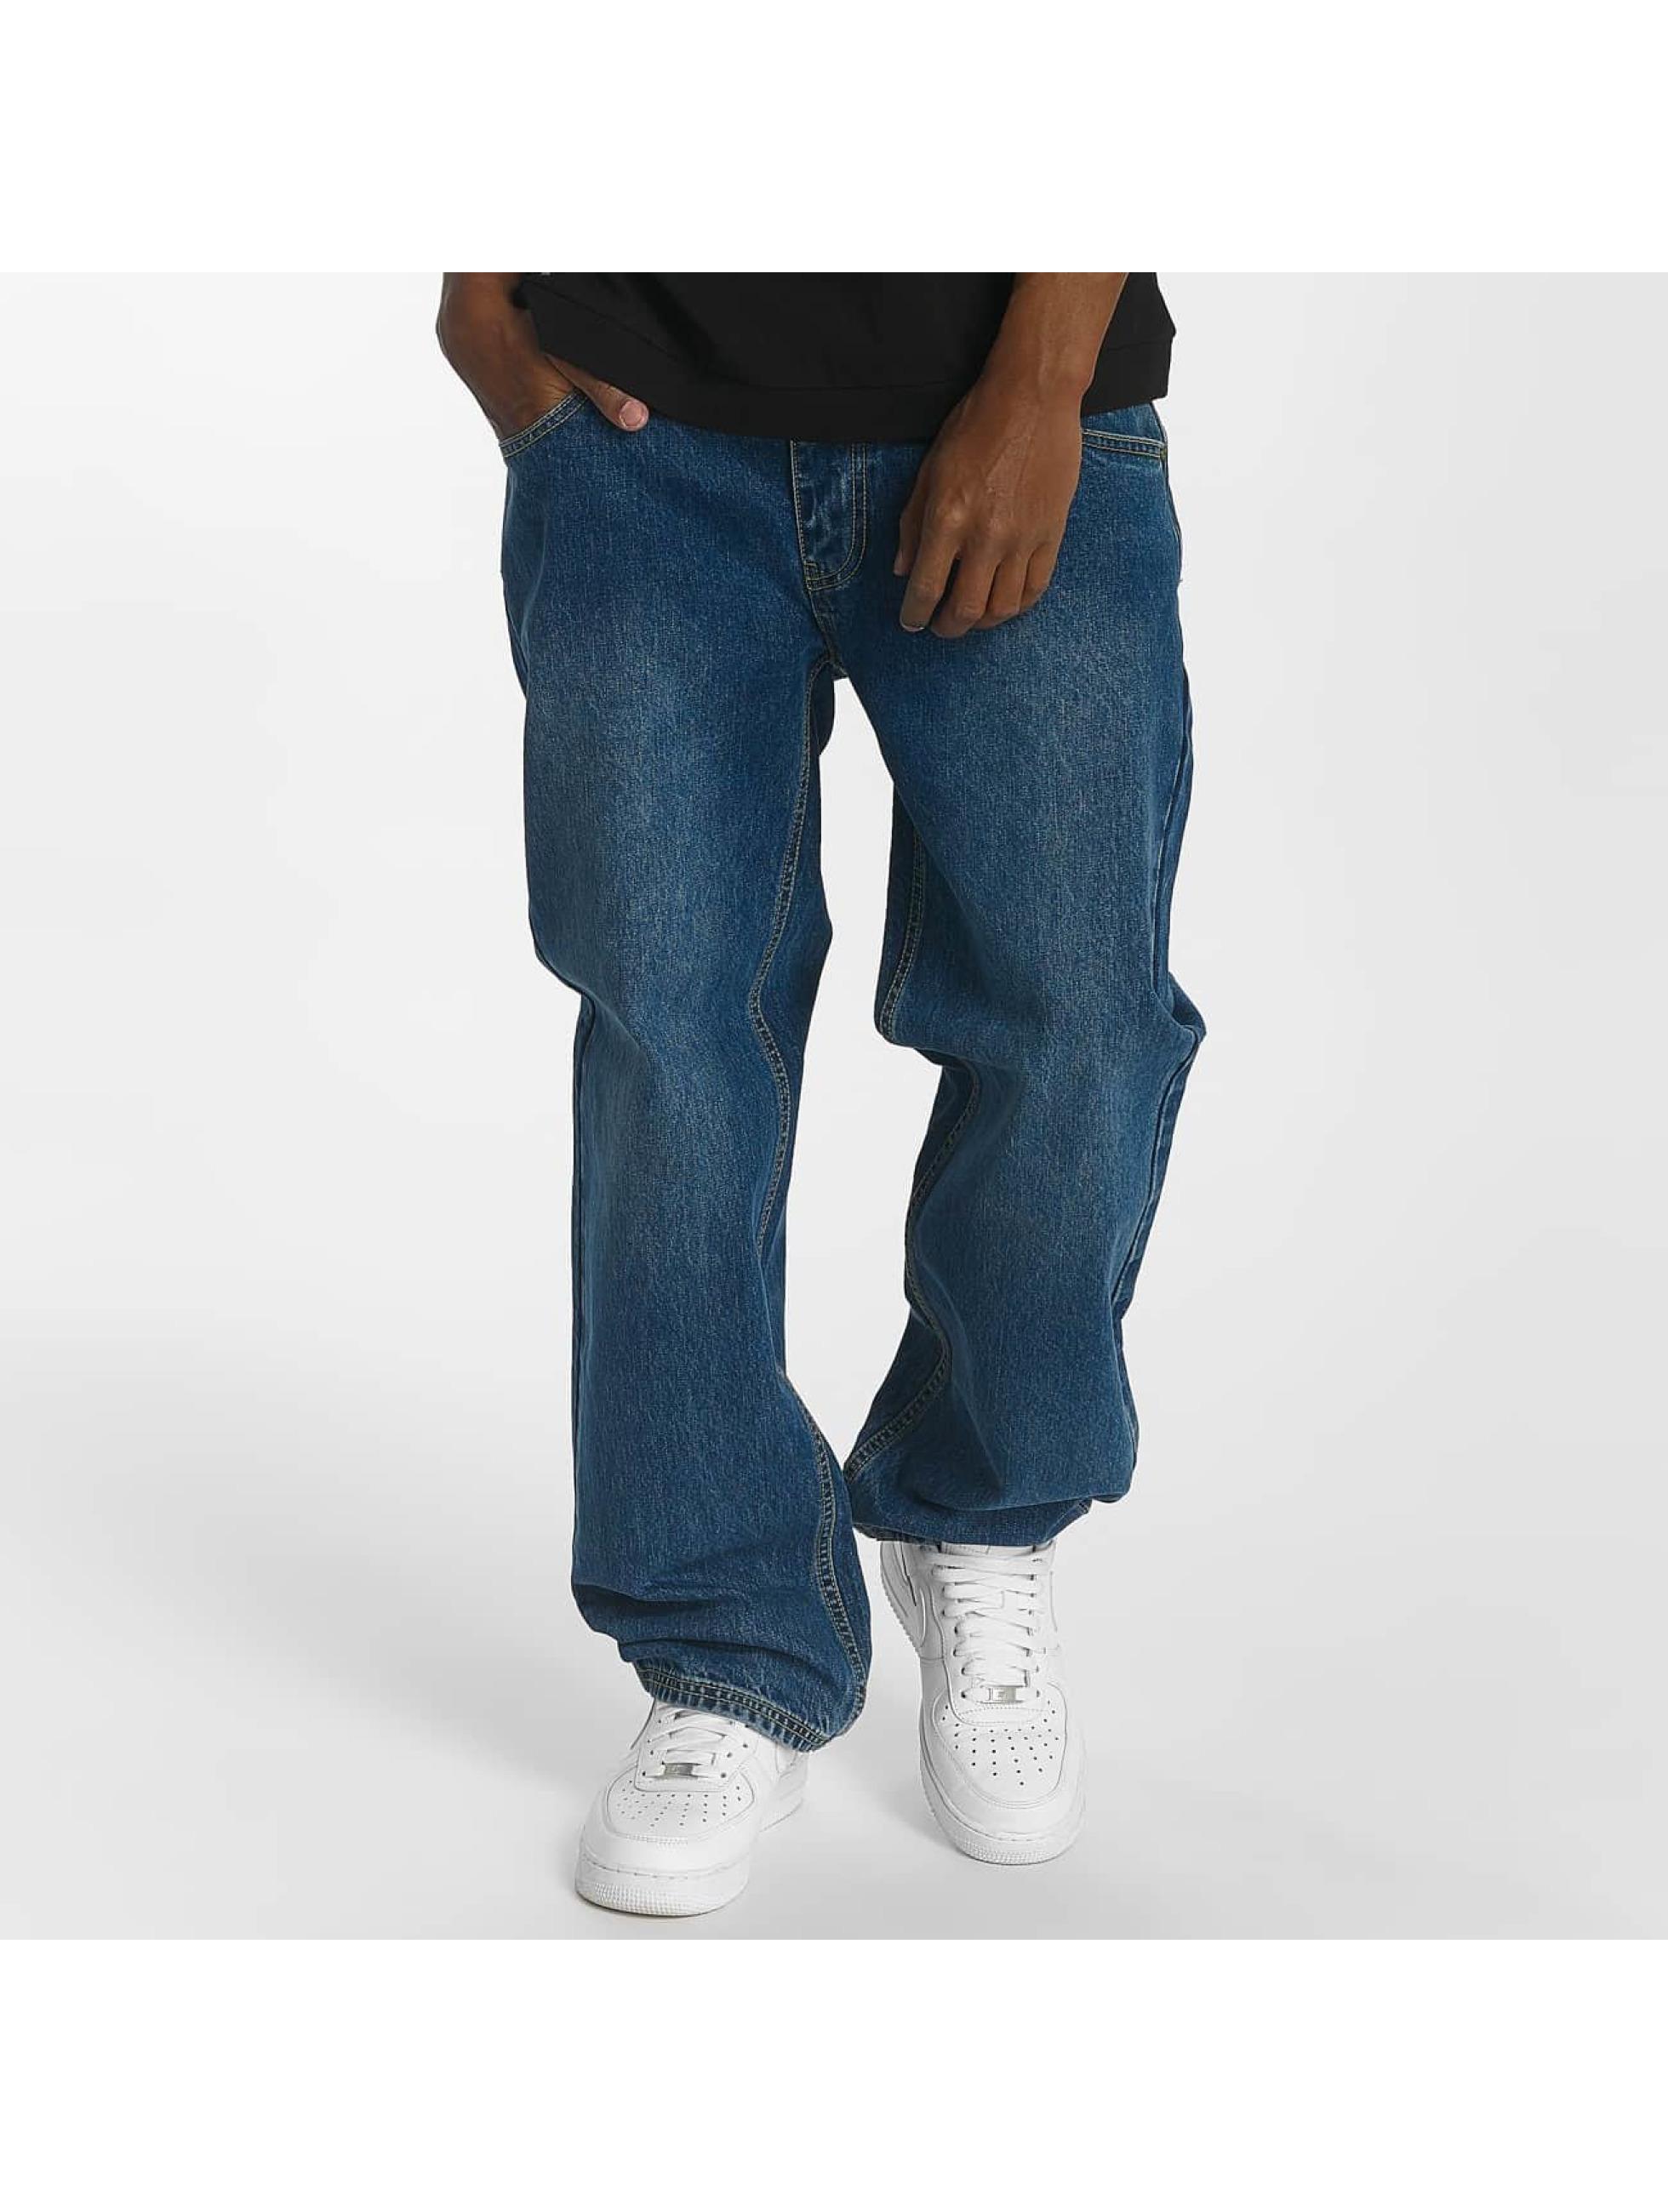 Ecko Unltd. / Loose Fit Jeans Gordon's Lo Loose Fit in blue W 42 L 34